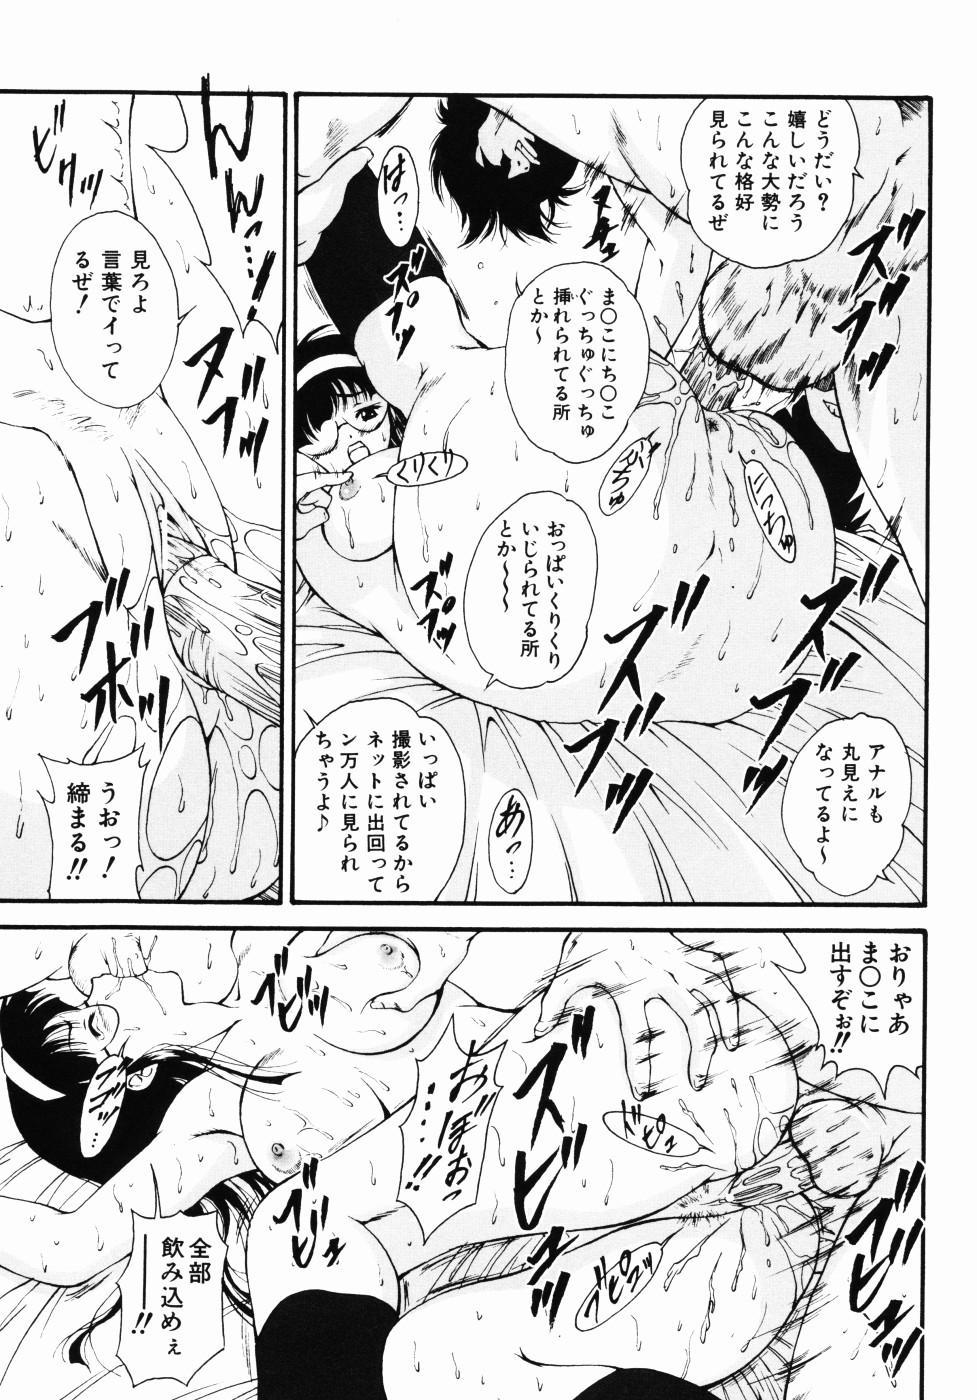 Daikyou Megami 41